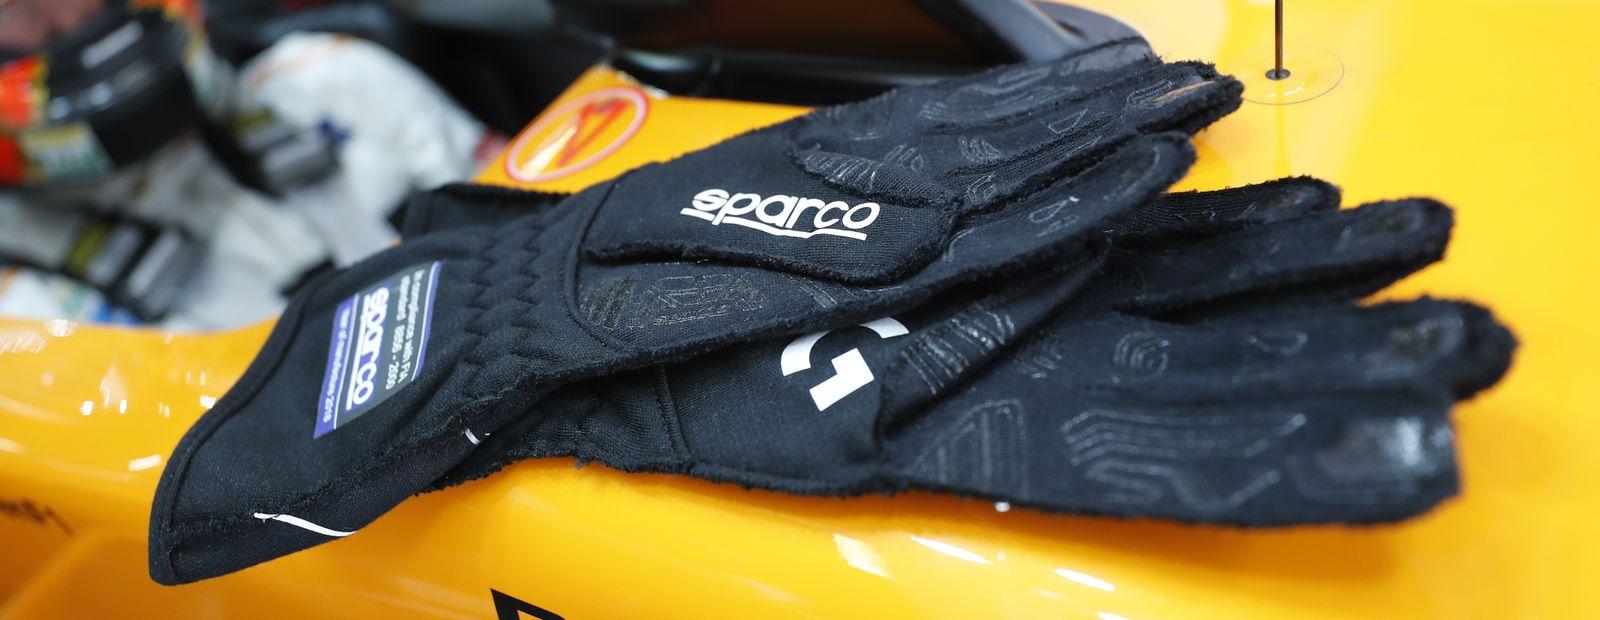 1131e1842726 McLaren Formula 1 - Sparco